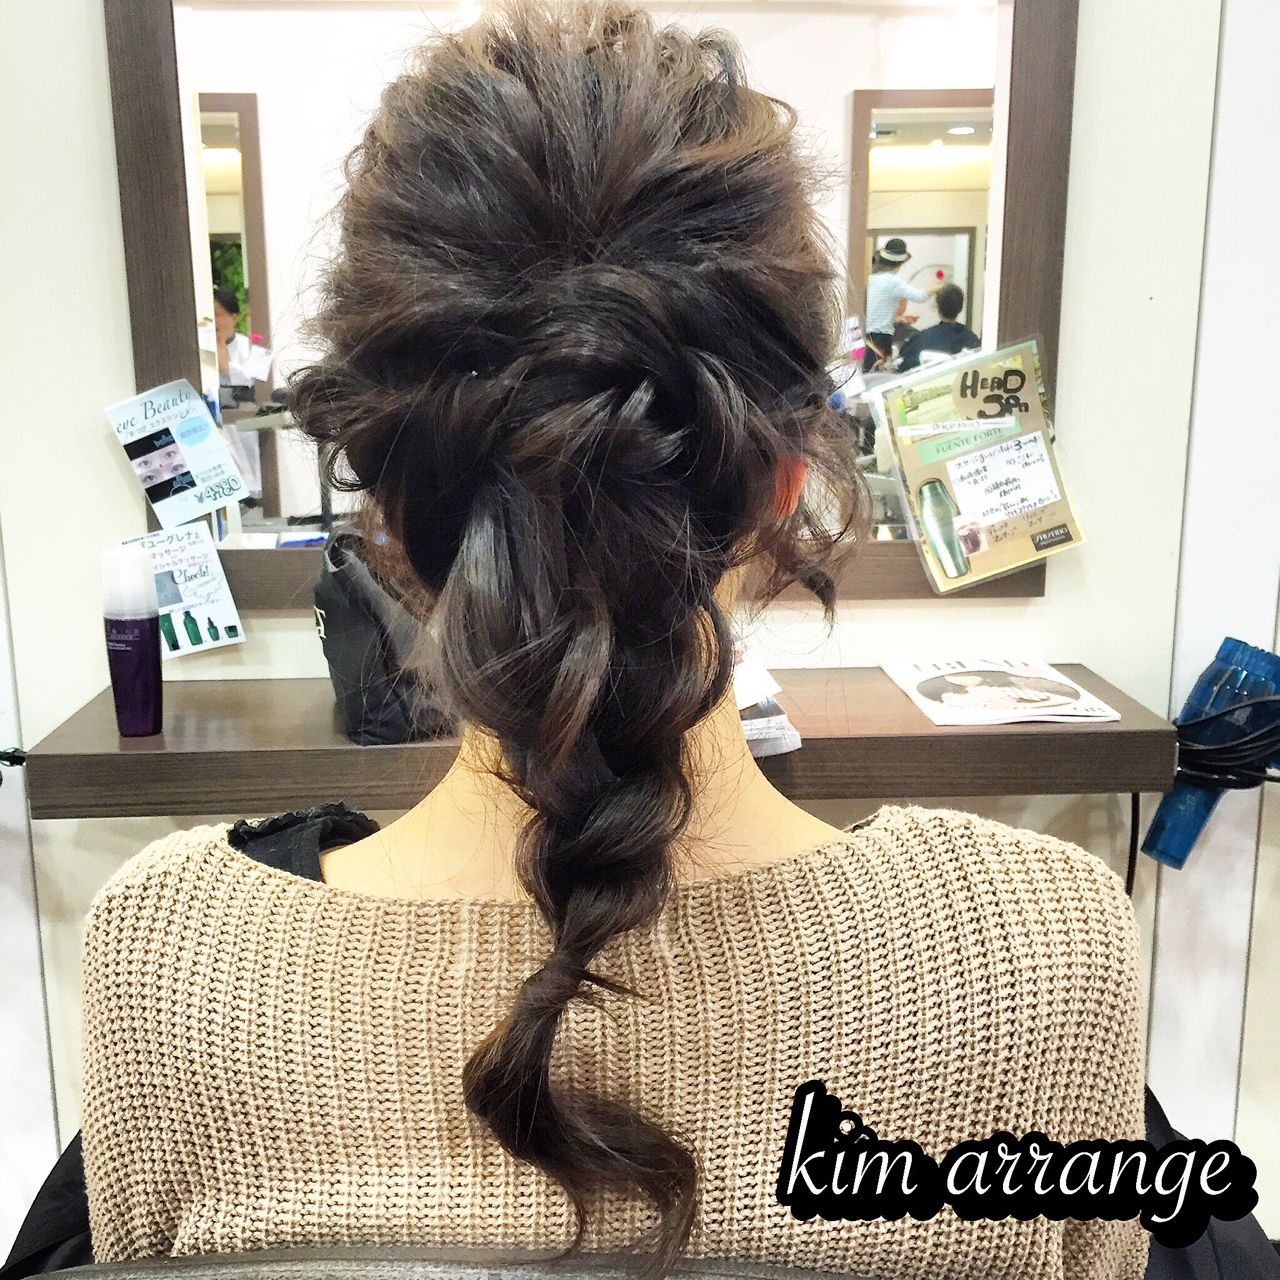 ショート 編み込み 成人式 まとめ髪 ヘアスタイルや髪型の写真・画像